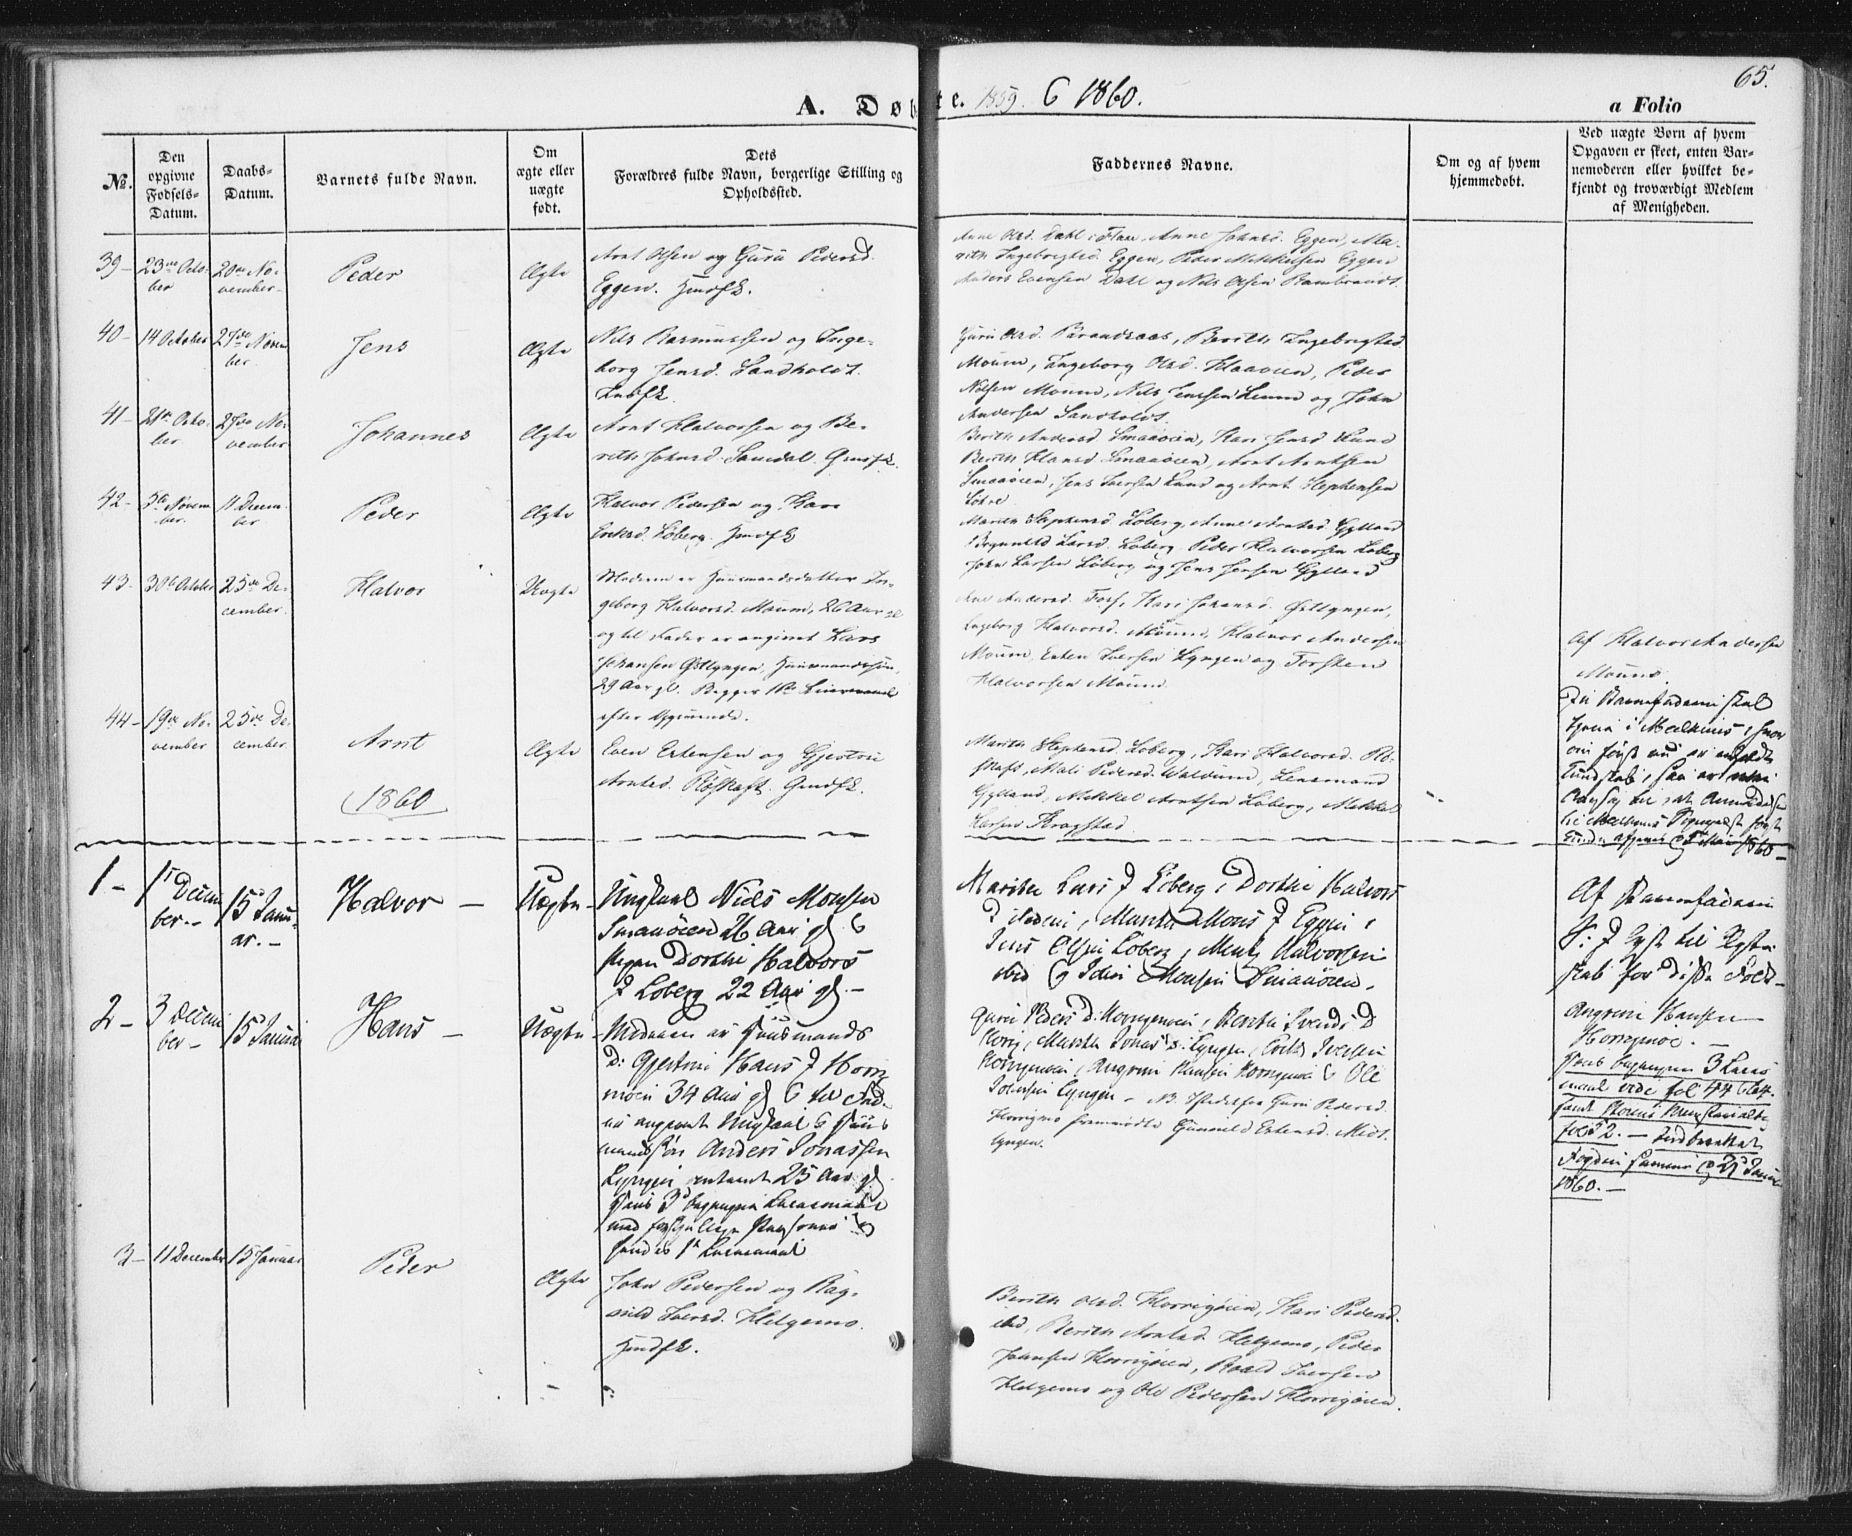 SAT, Ministerialprotokoller, klokkerbøker og fødselsregistre - Sør-Trøndelag, 692/L1103: Ministerialbok nr. 692A03, 1849-1870, s. 65